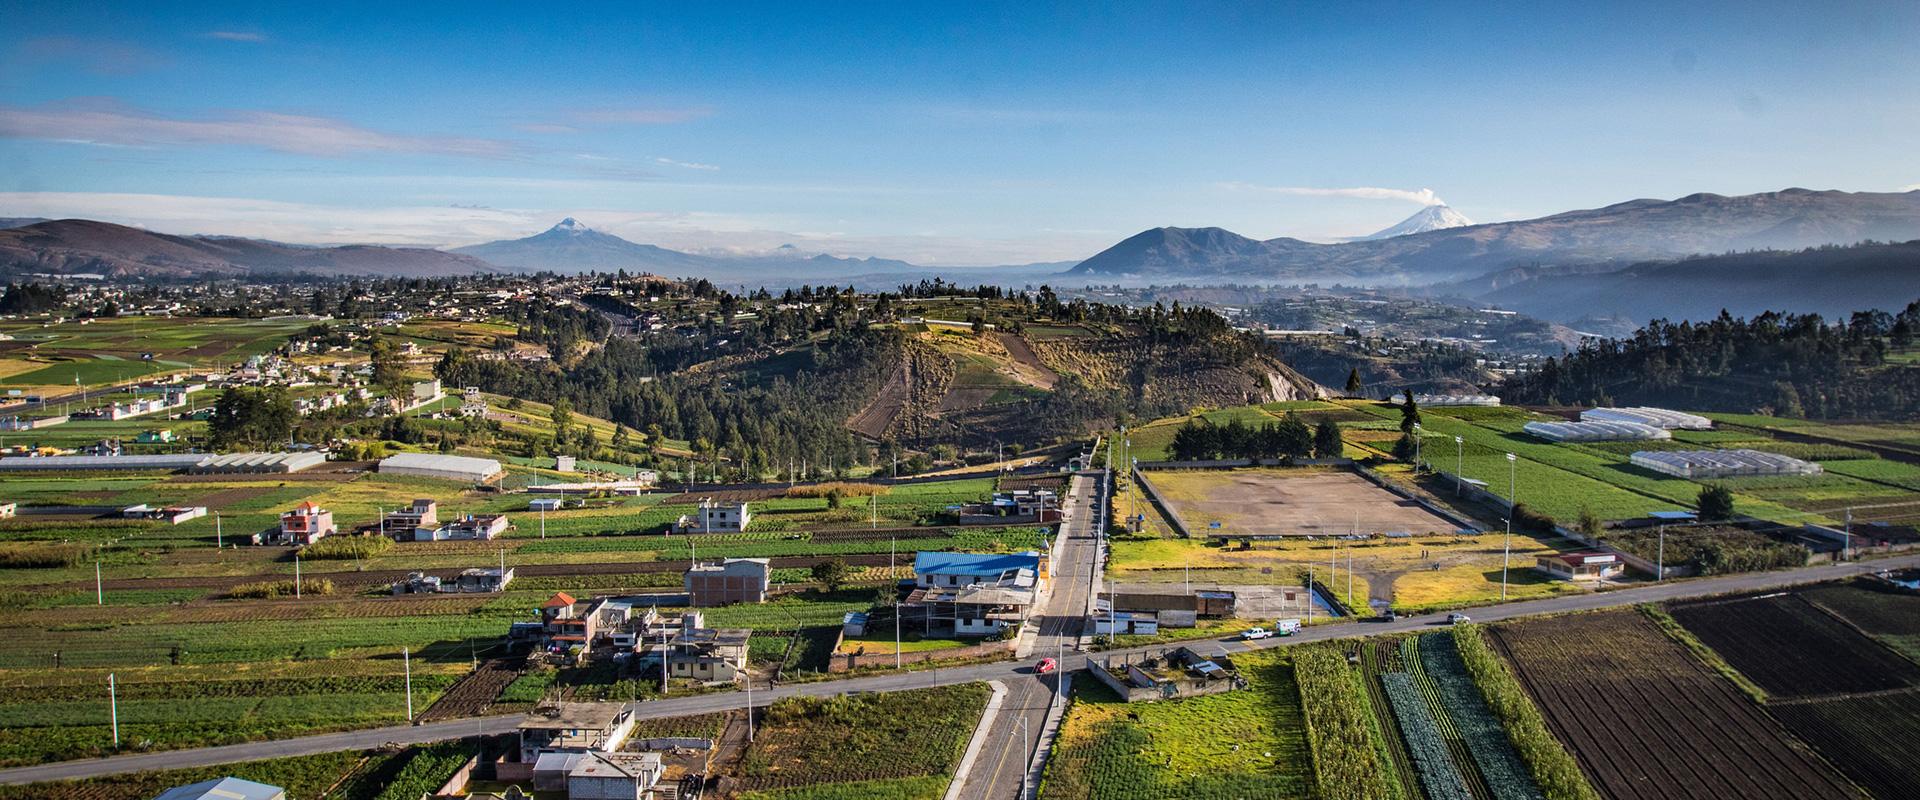 Tren del Hielo Ambato Landscape